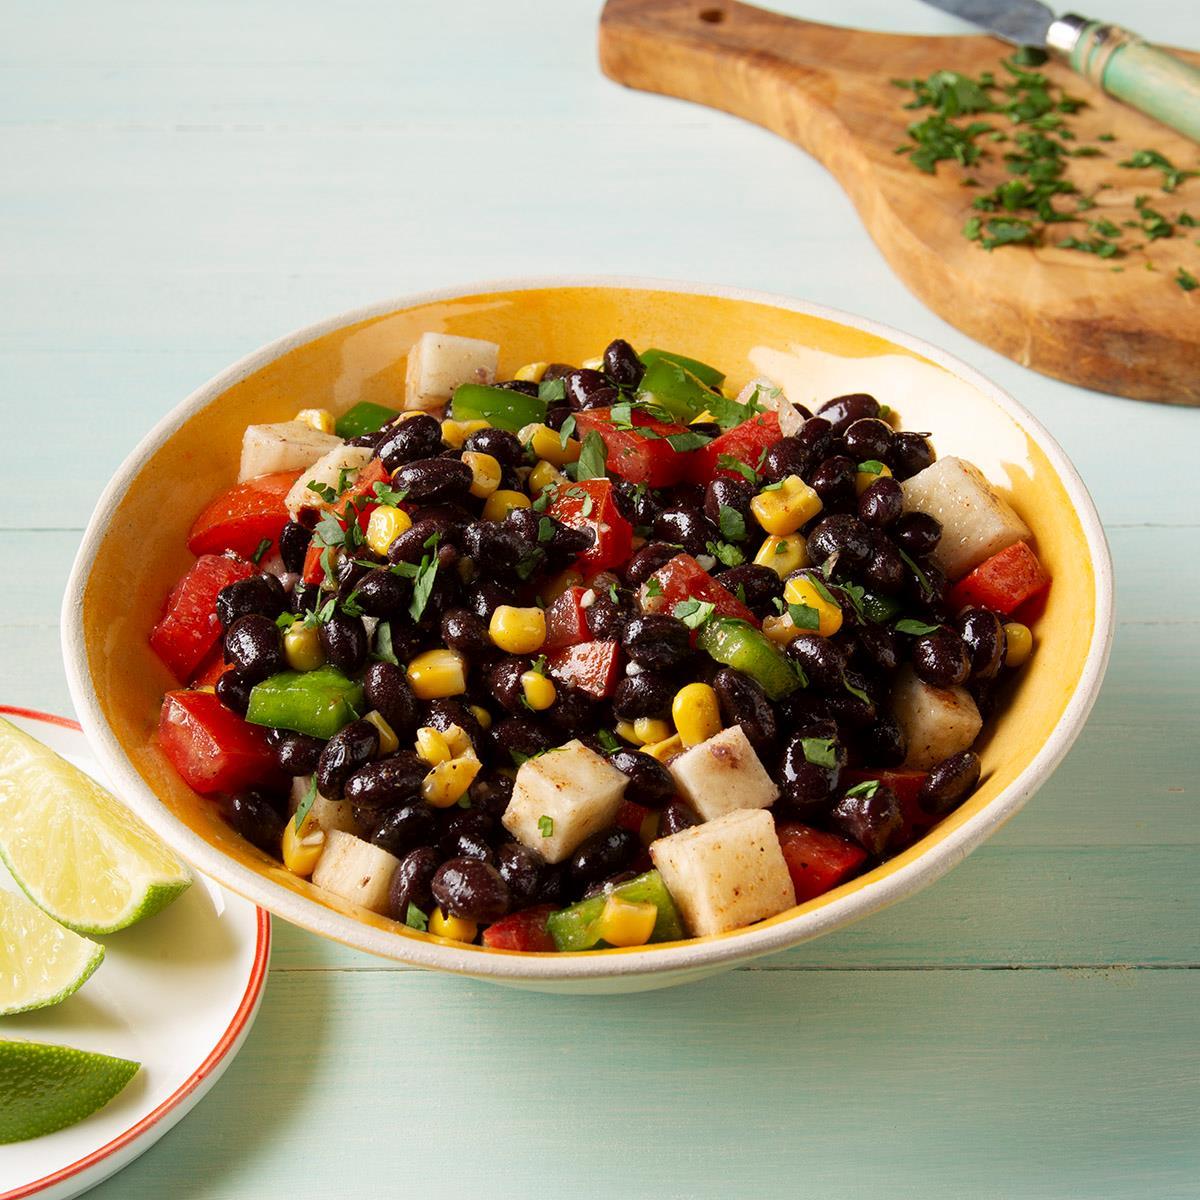 Receta de ensalada de jícama y frijoles negros